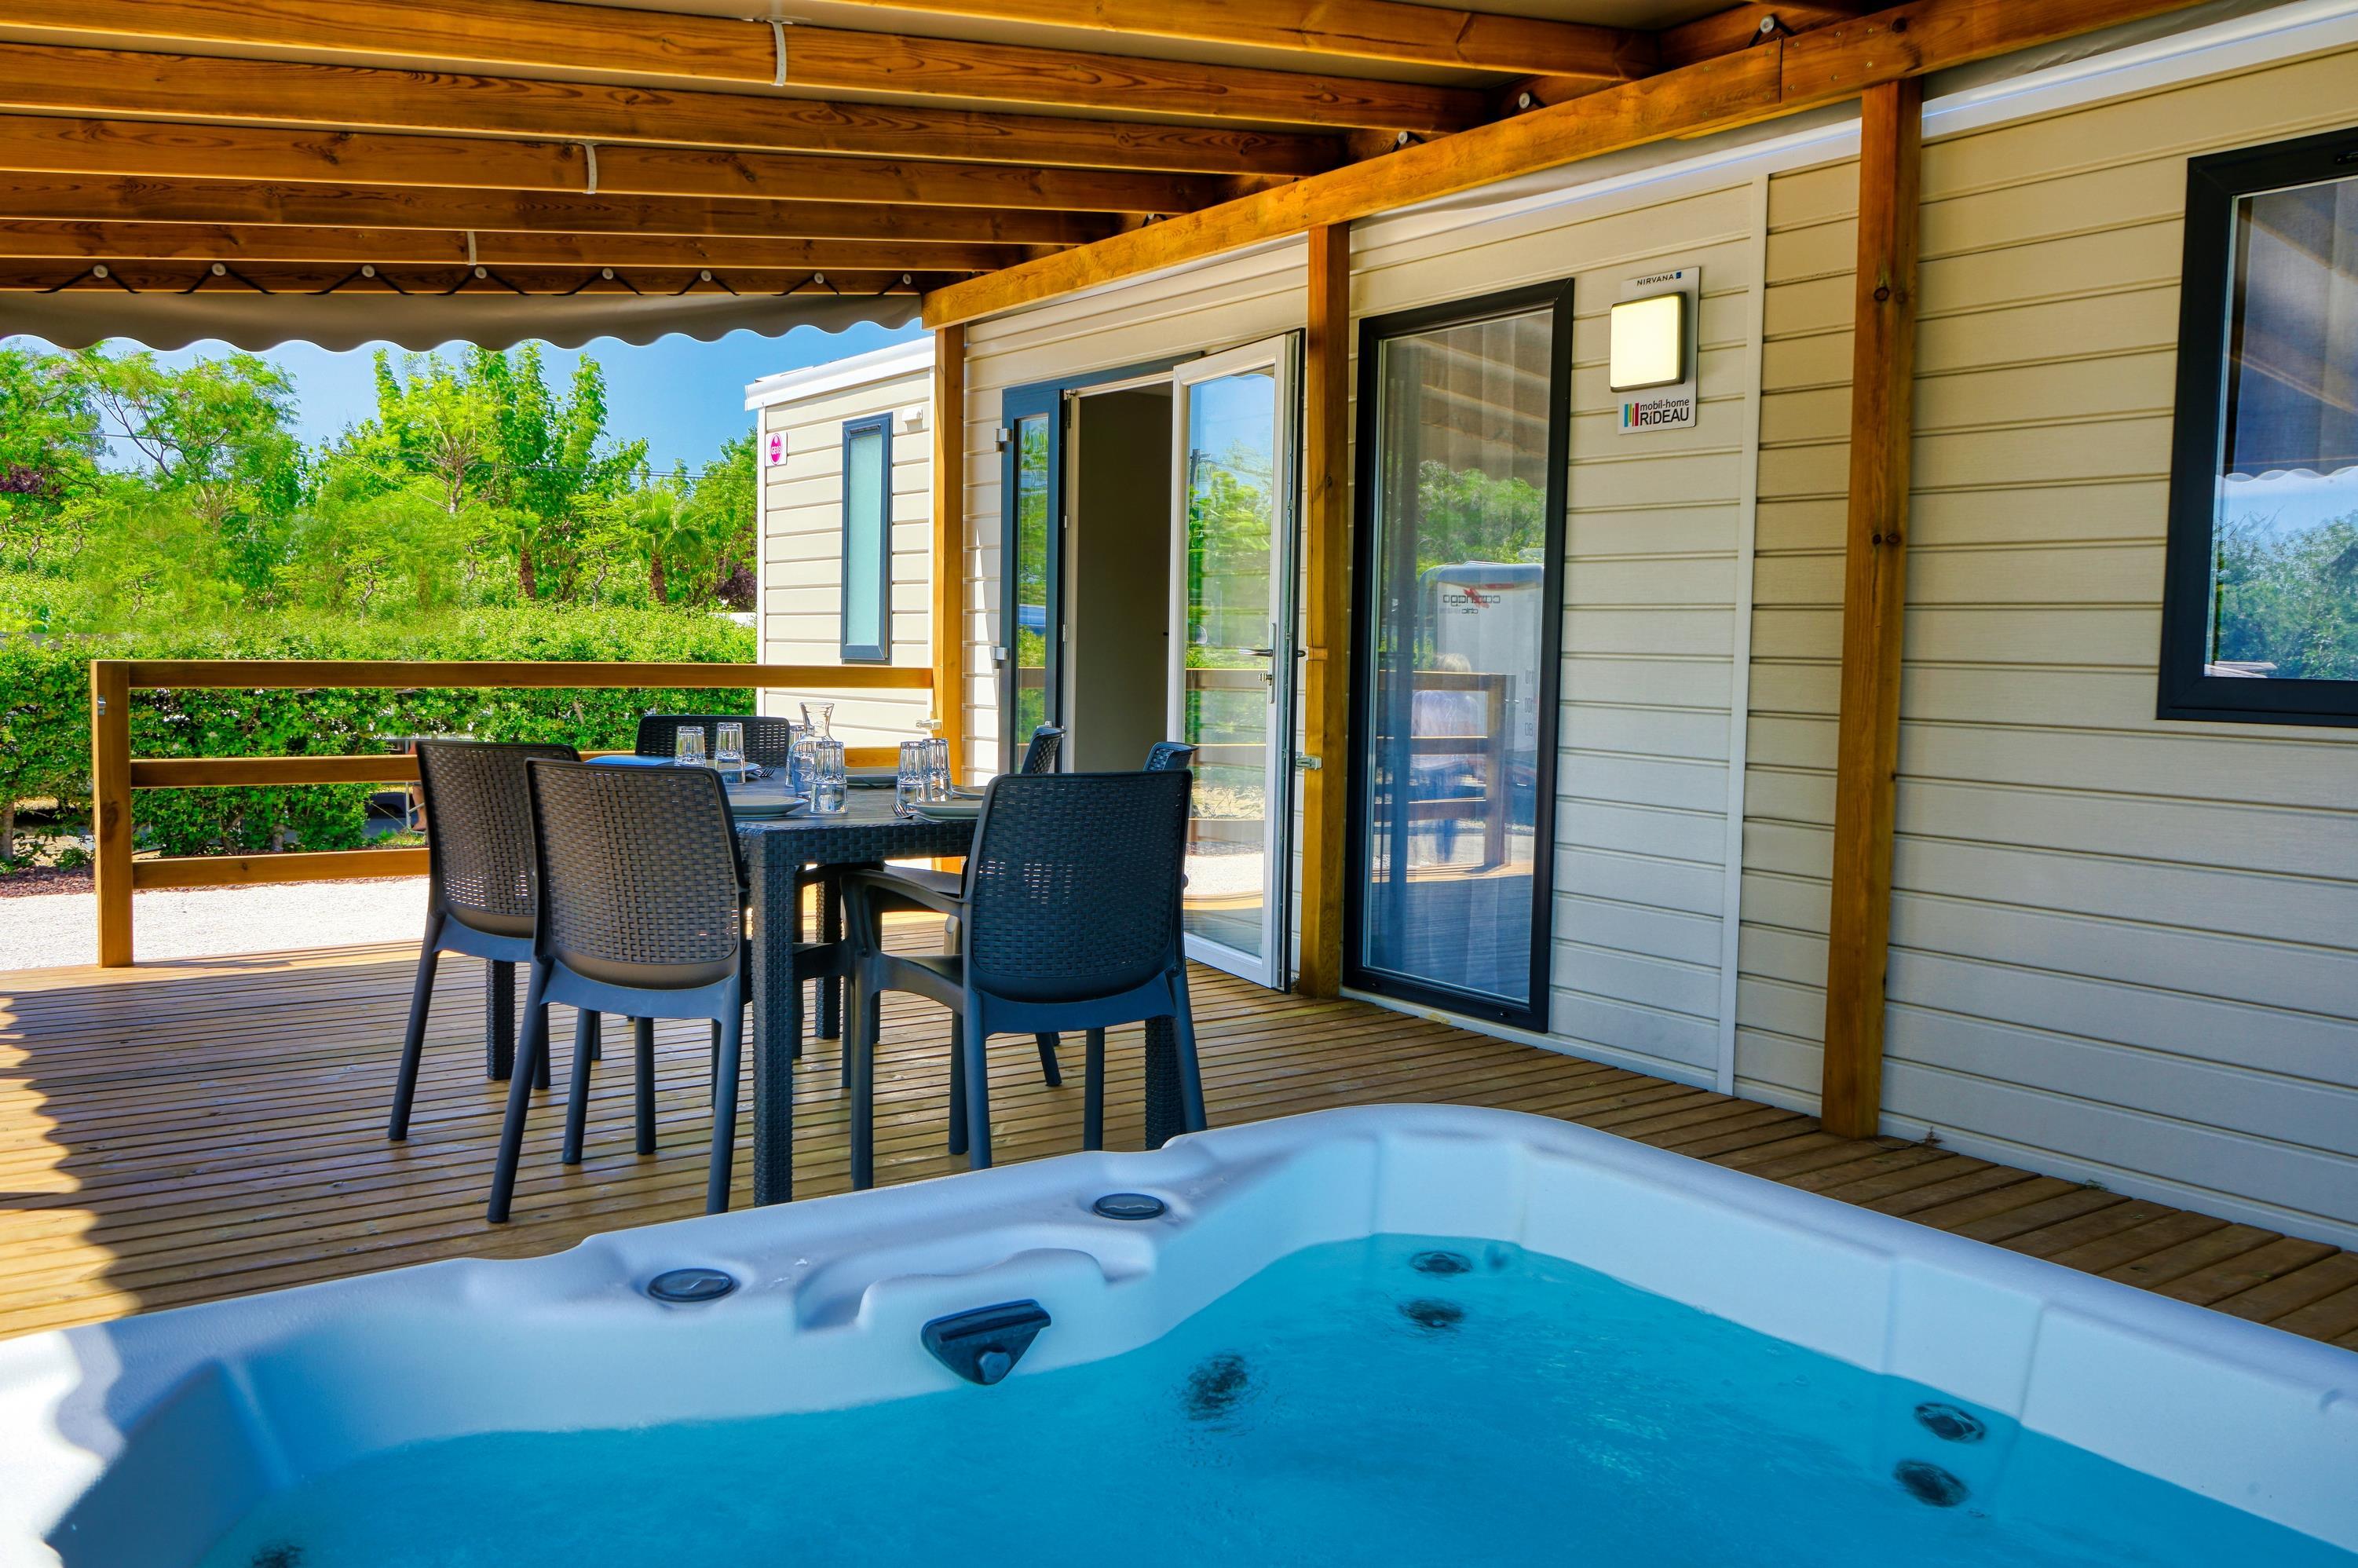 Location - Mobilhome Jacuzzi (Climatisation + Tv + Lave-Vaisselle + Jacuzzi) - Camping Domaine des Champs Blancs